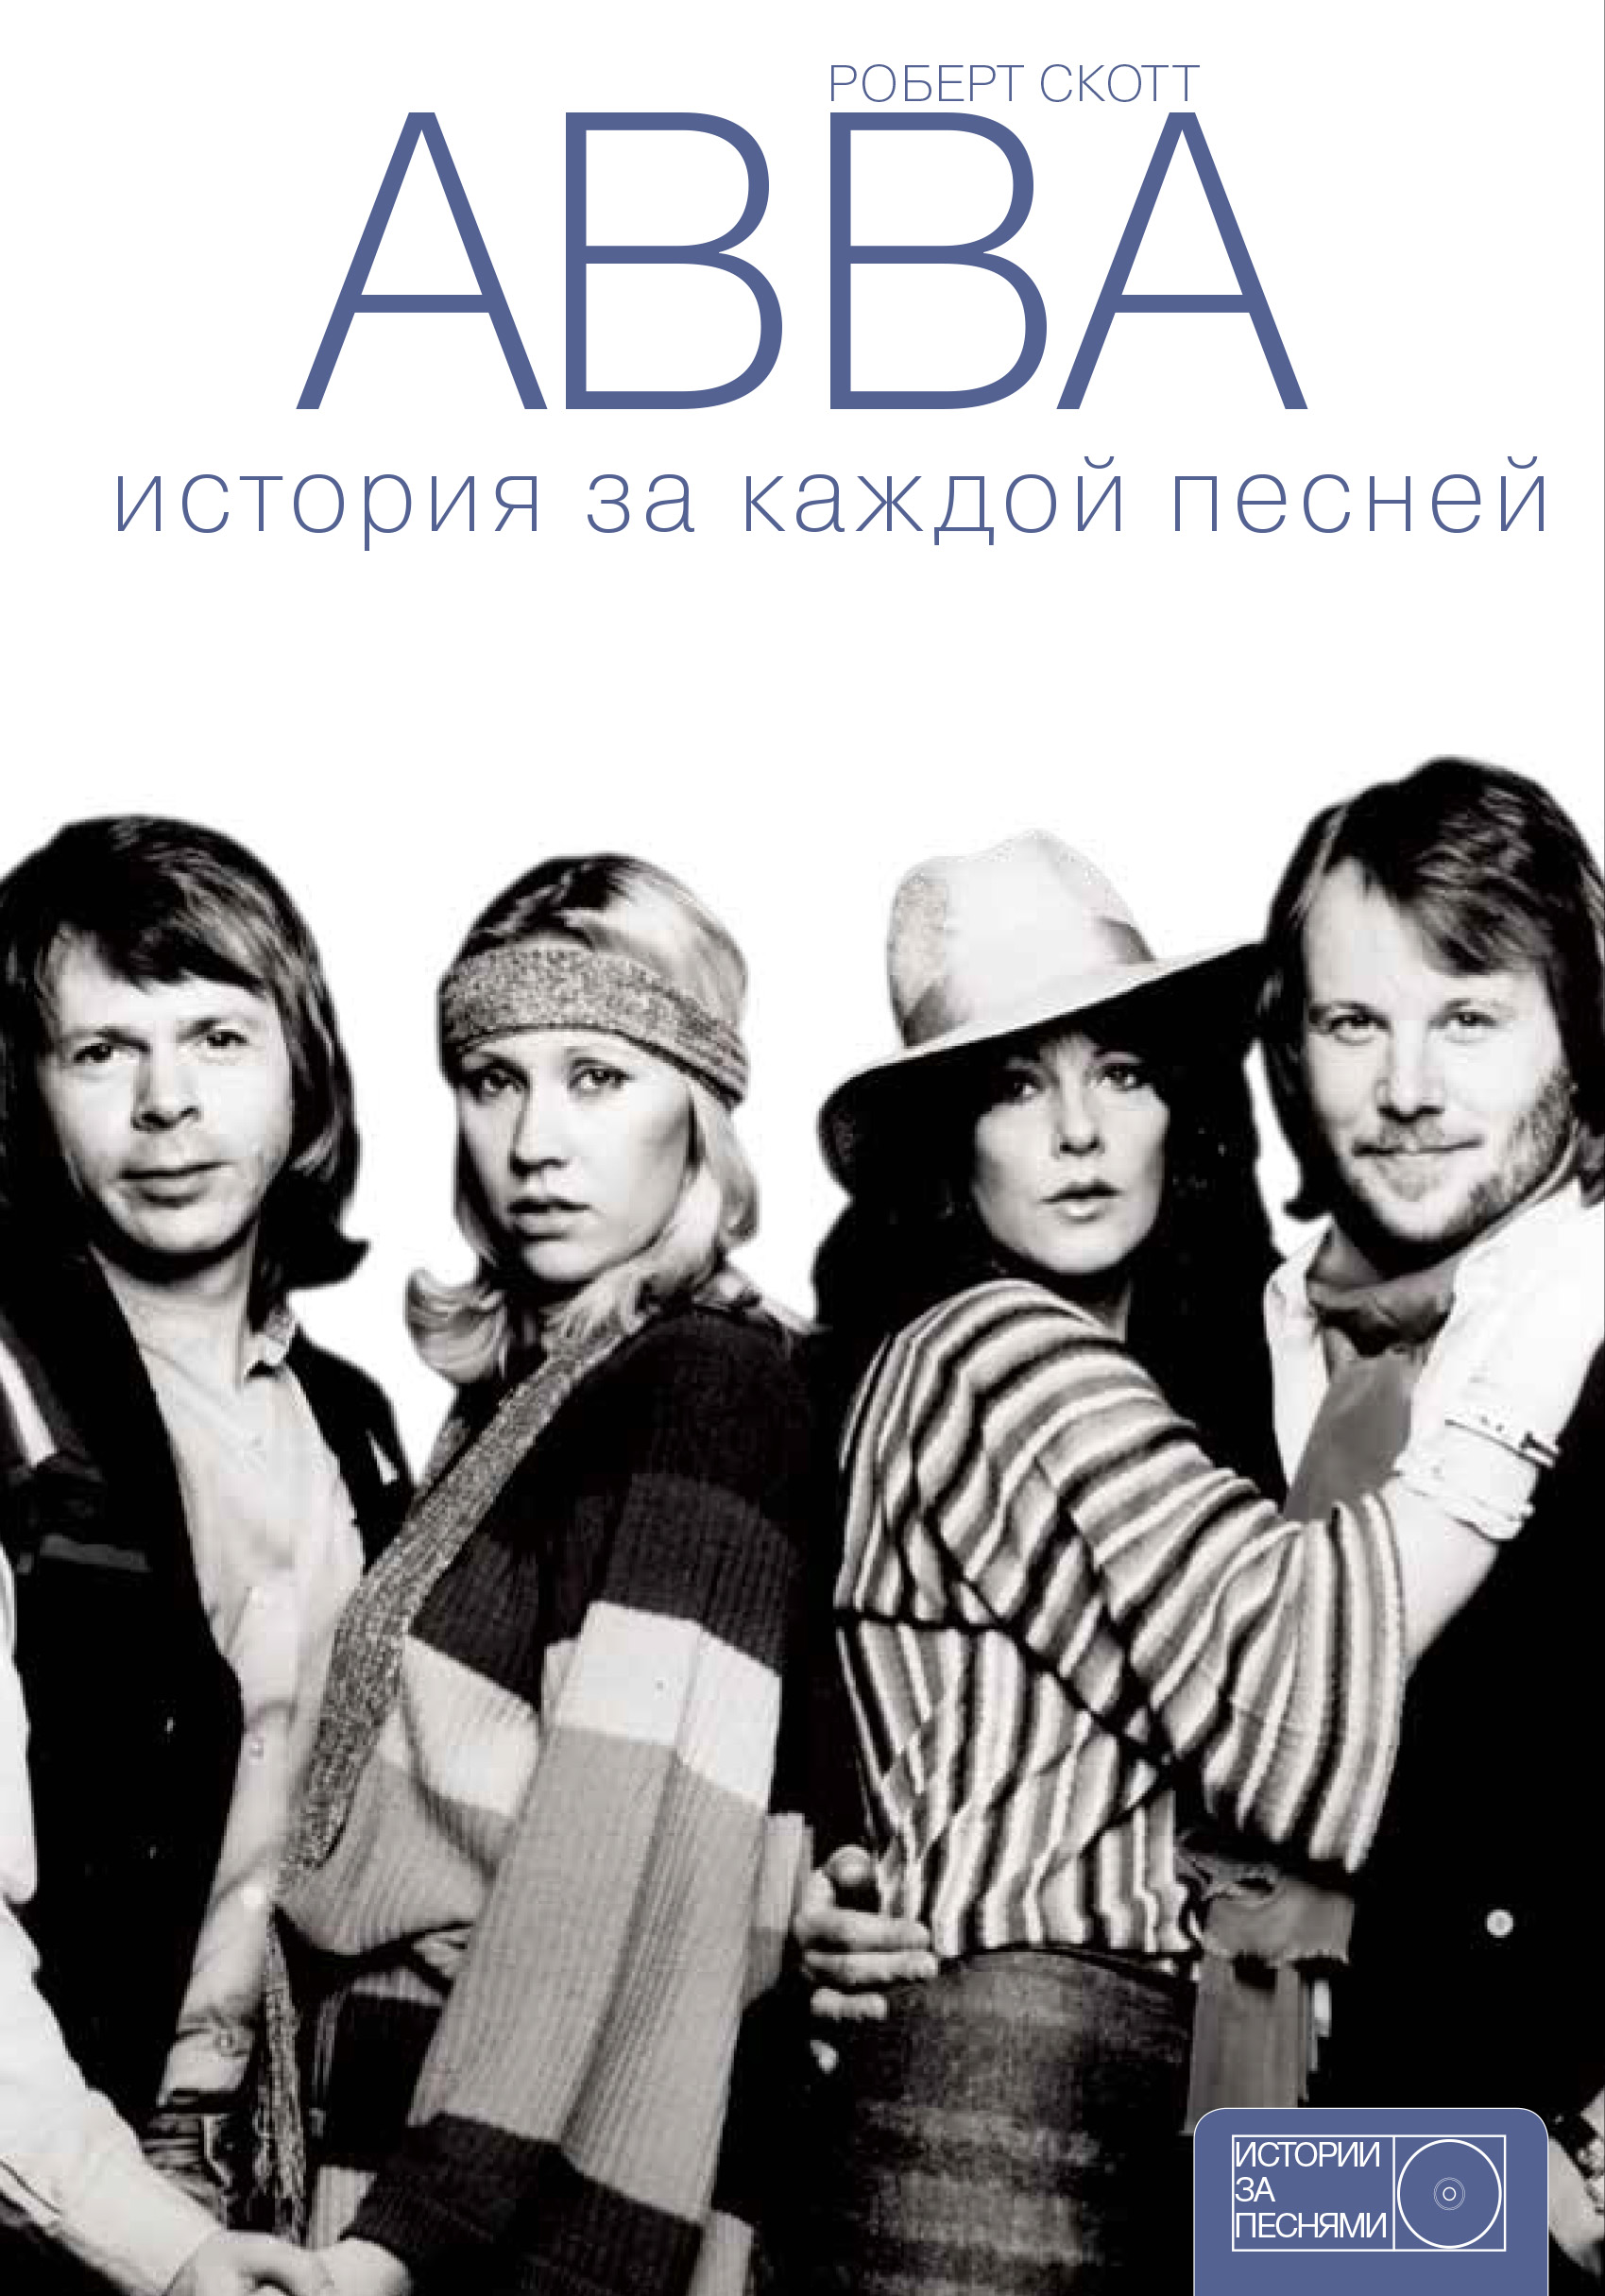 ABBA: история за каждой песней